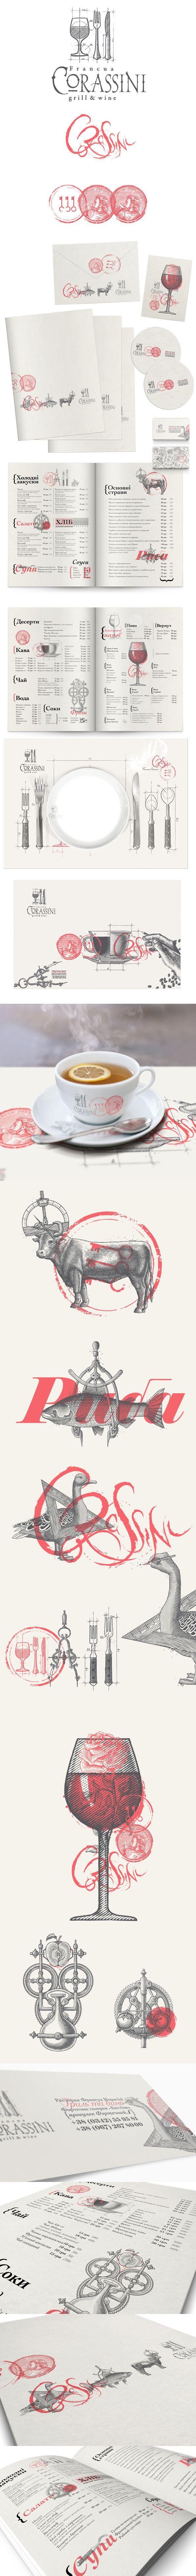 Corassini branding by Yaroslav Shkriblyak